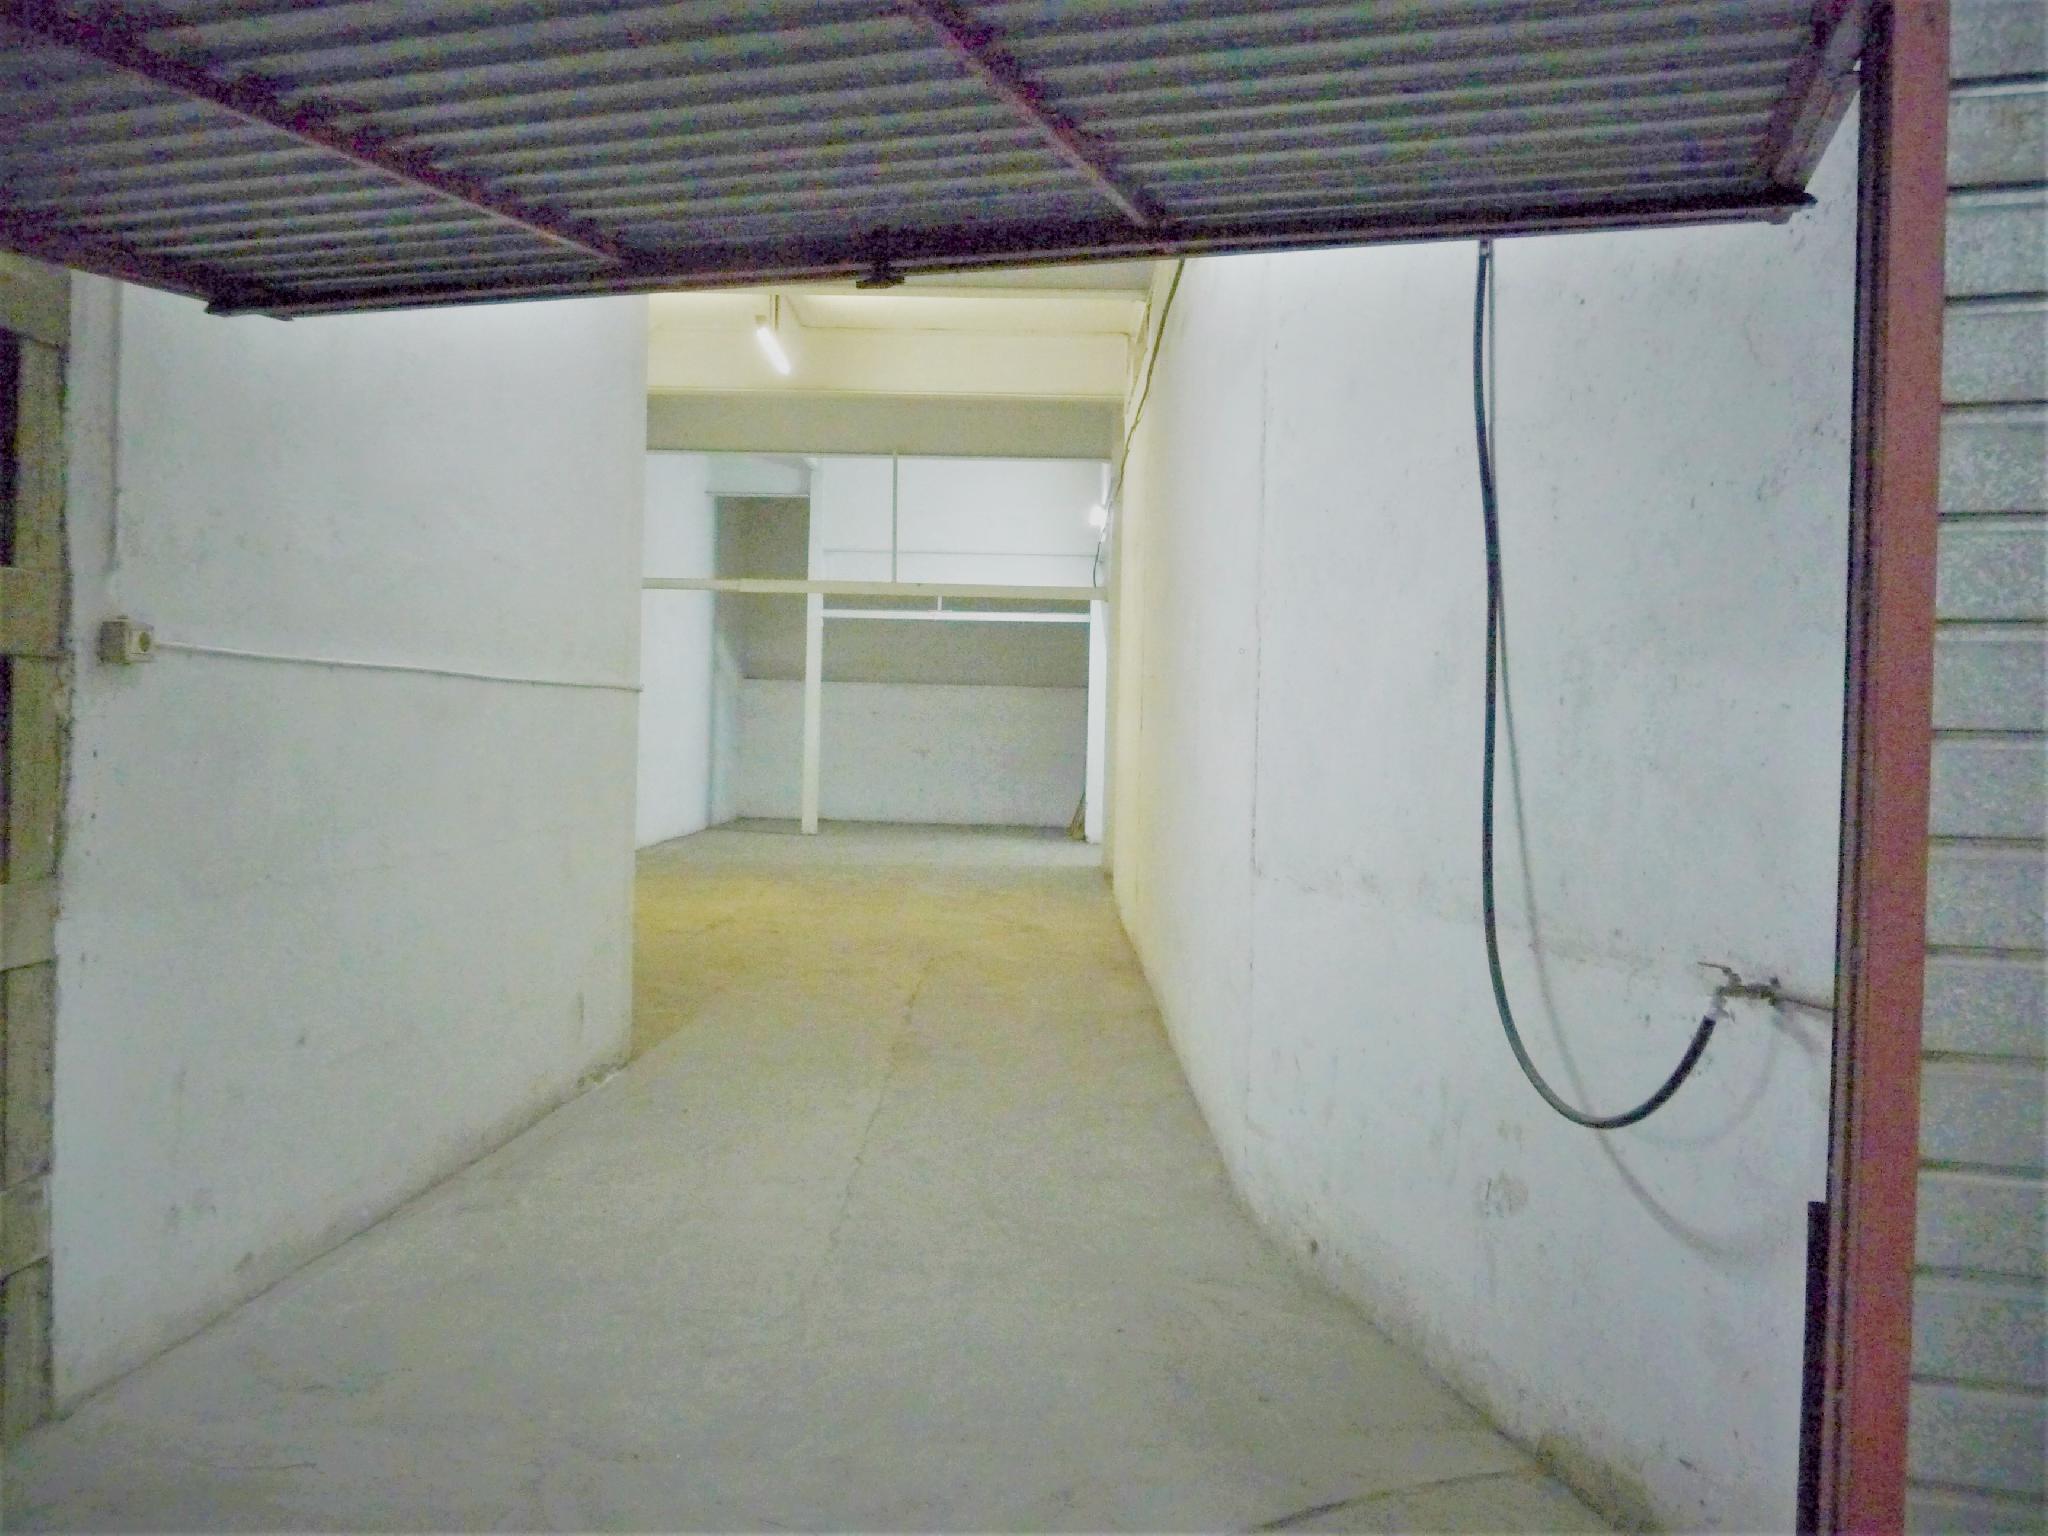 217957 - Centre de Ripollet